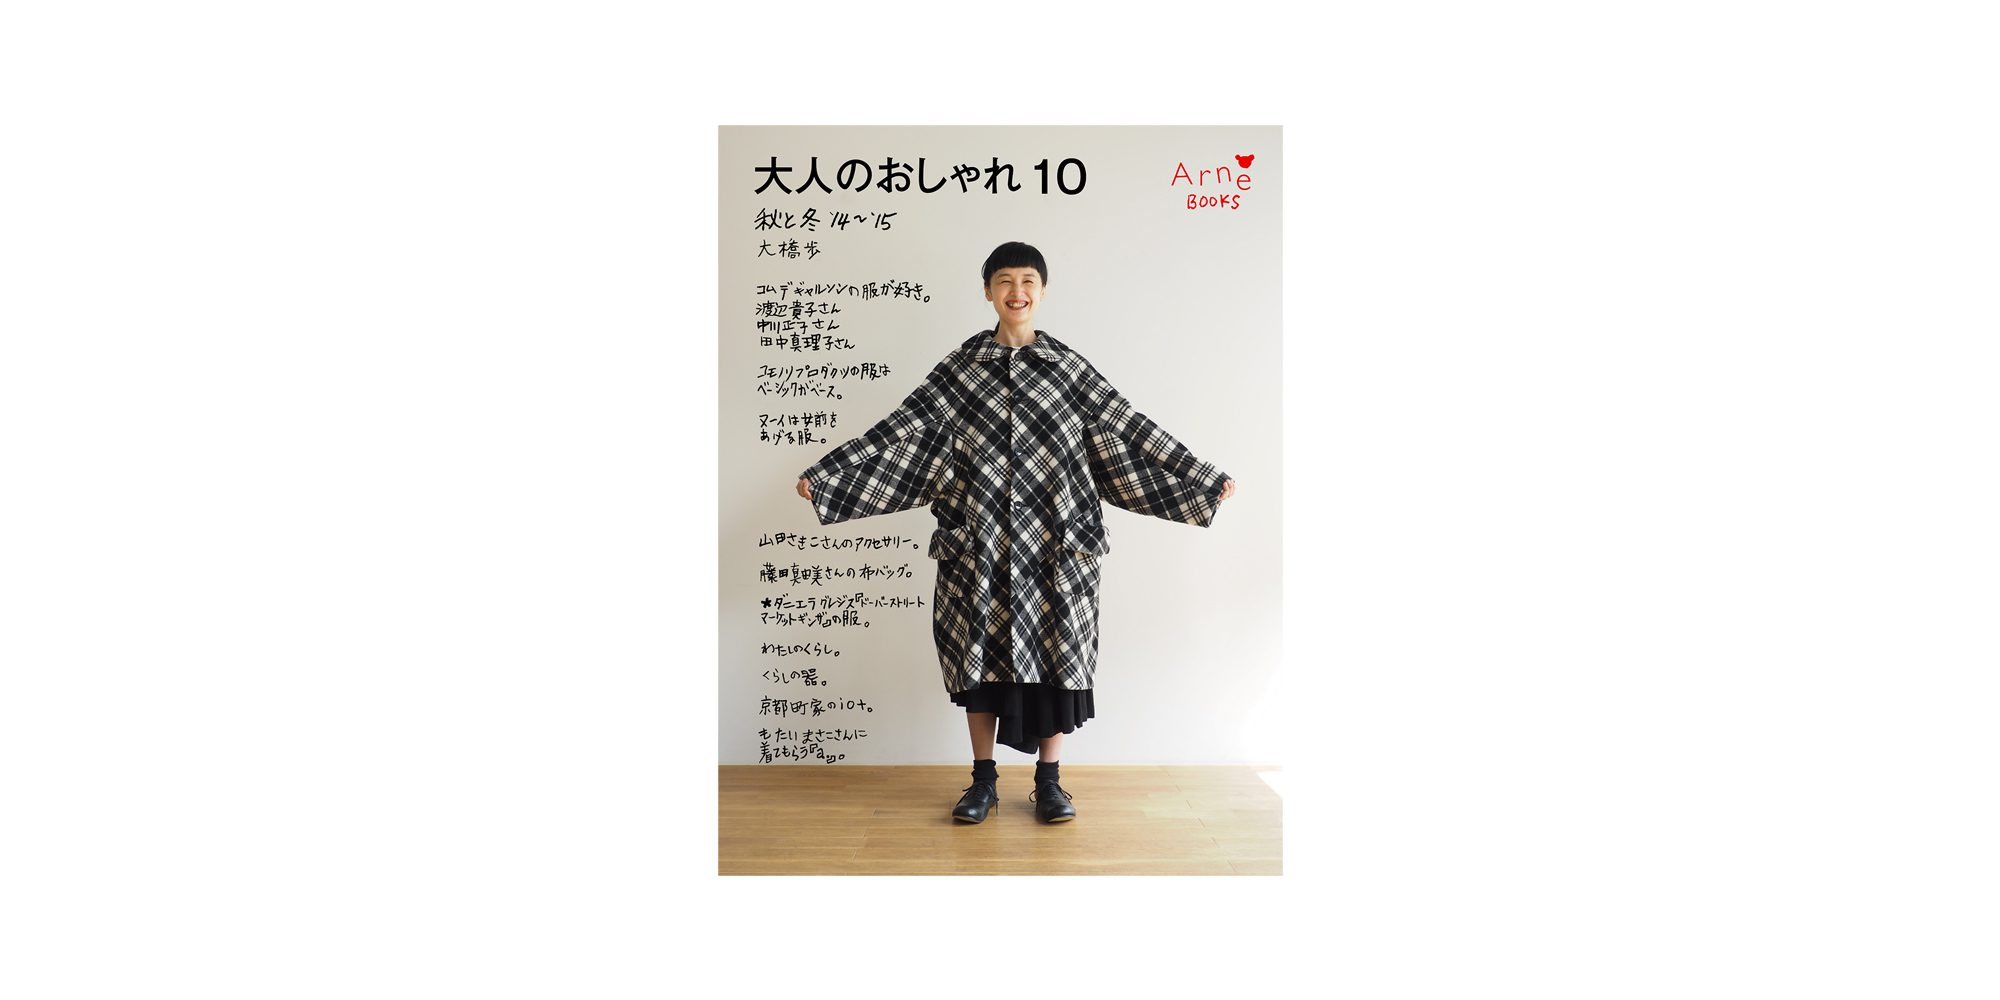 大人のおしゃれ10 秋と冬 '14~ '15